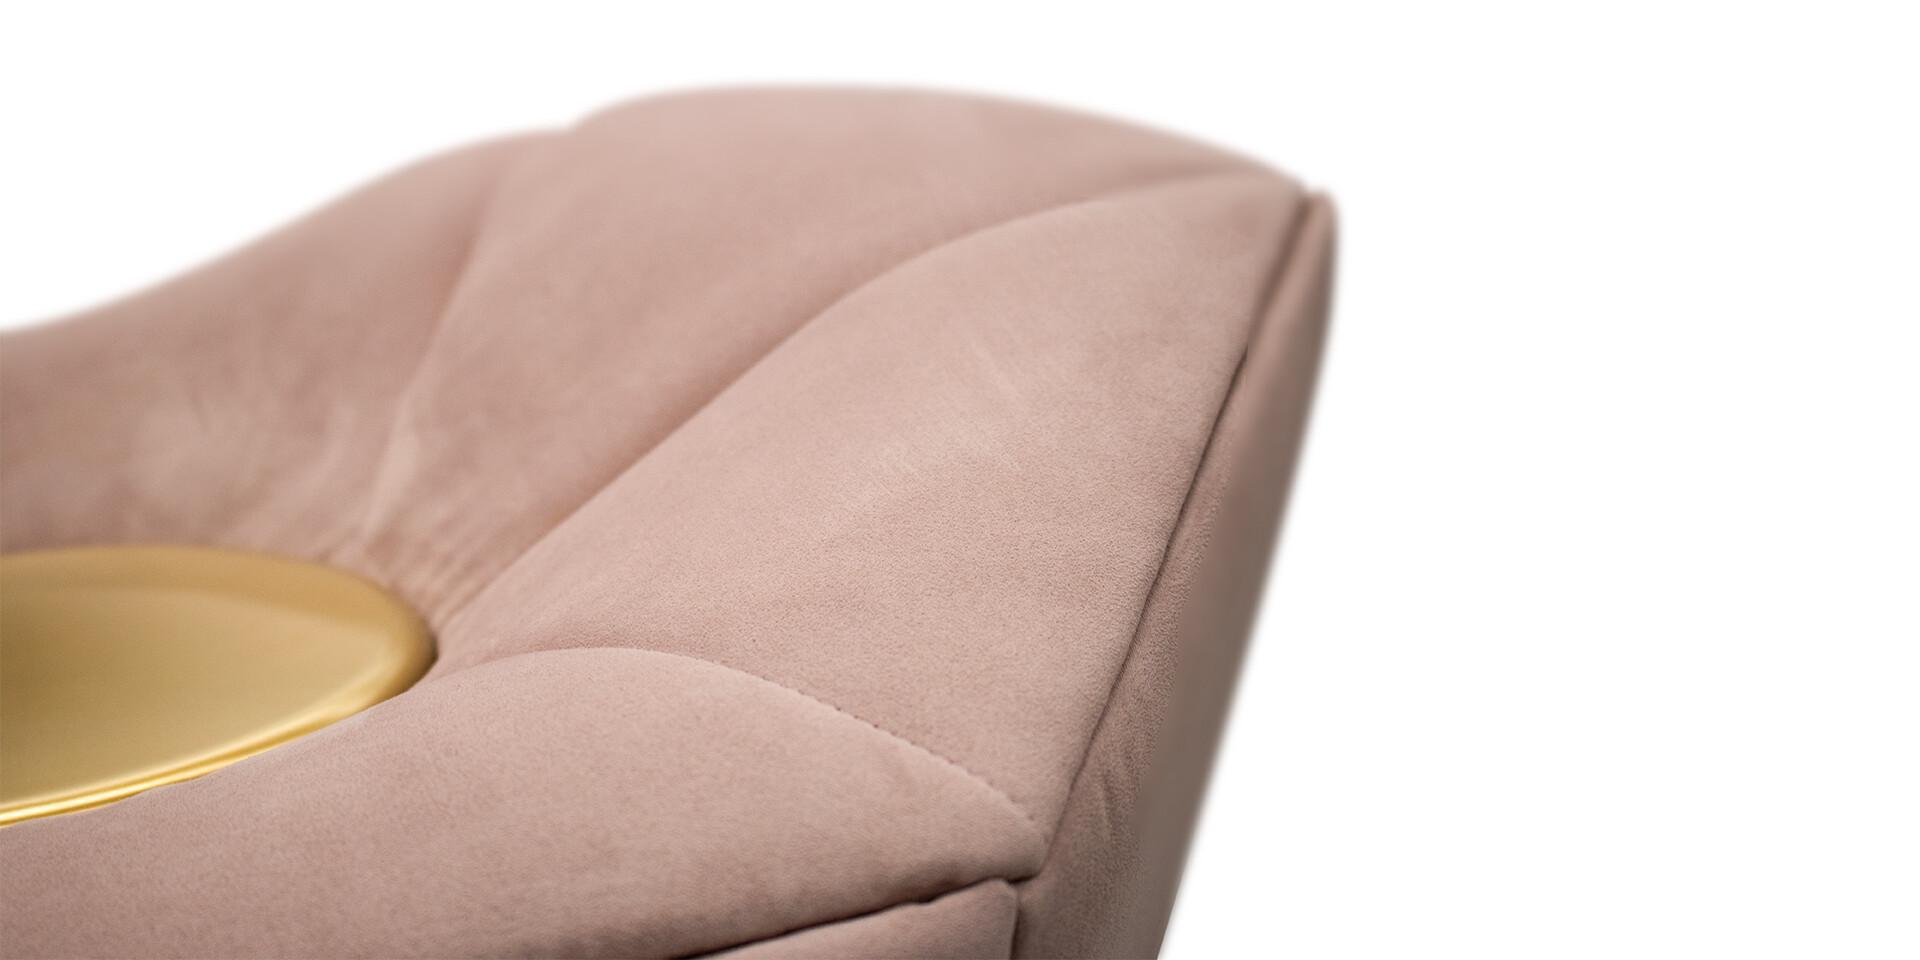 MCCOOL SIDE TABLE - Detail Side View - ALMA de LUCE